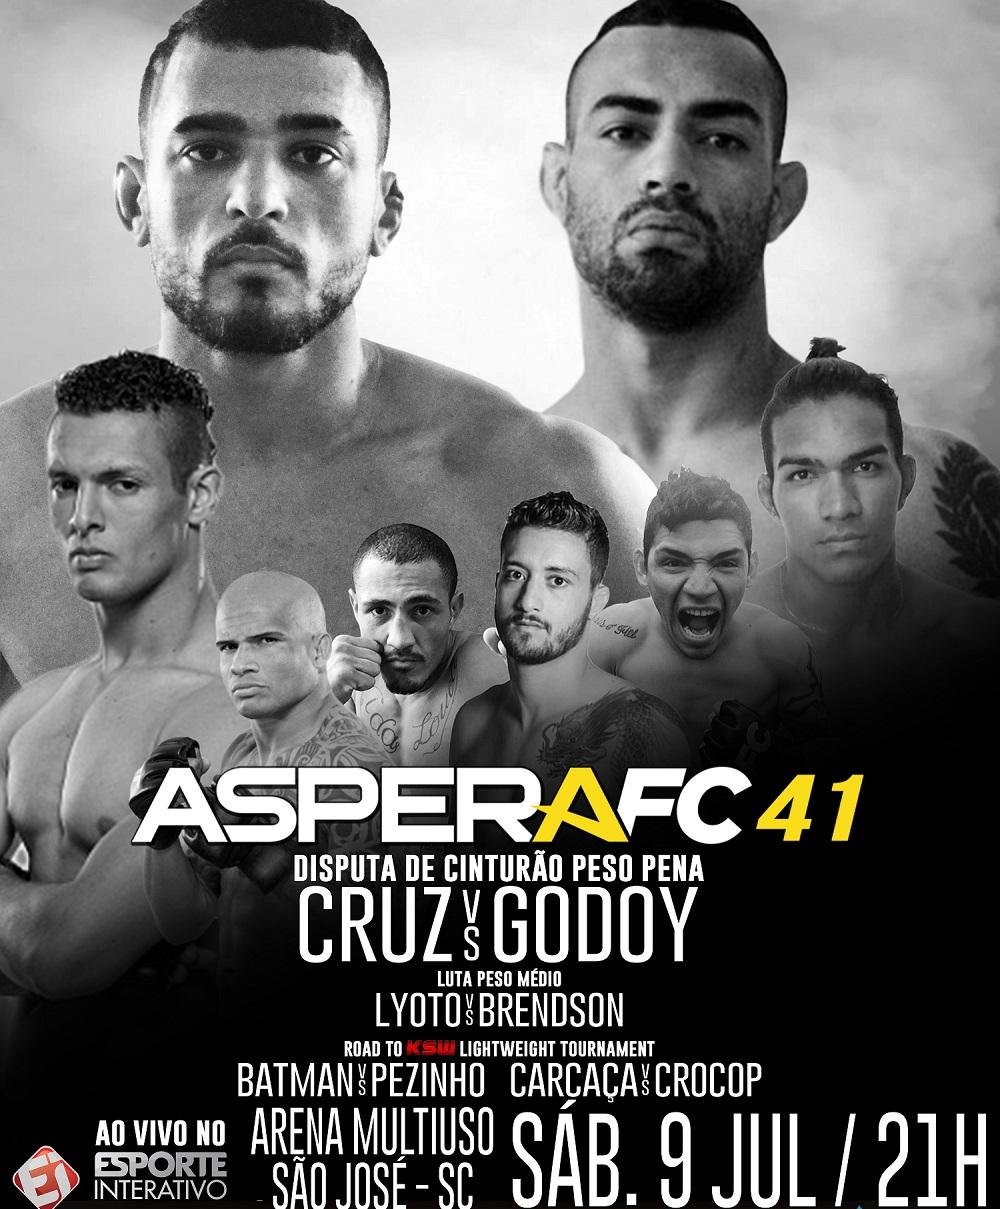 Aspera FC 41 marca retorno de ex-UFC Marcio Lyoto, traz disputa de cinturão e GP